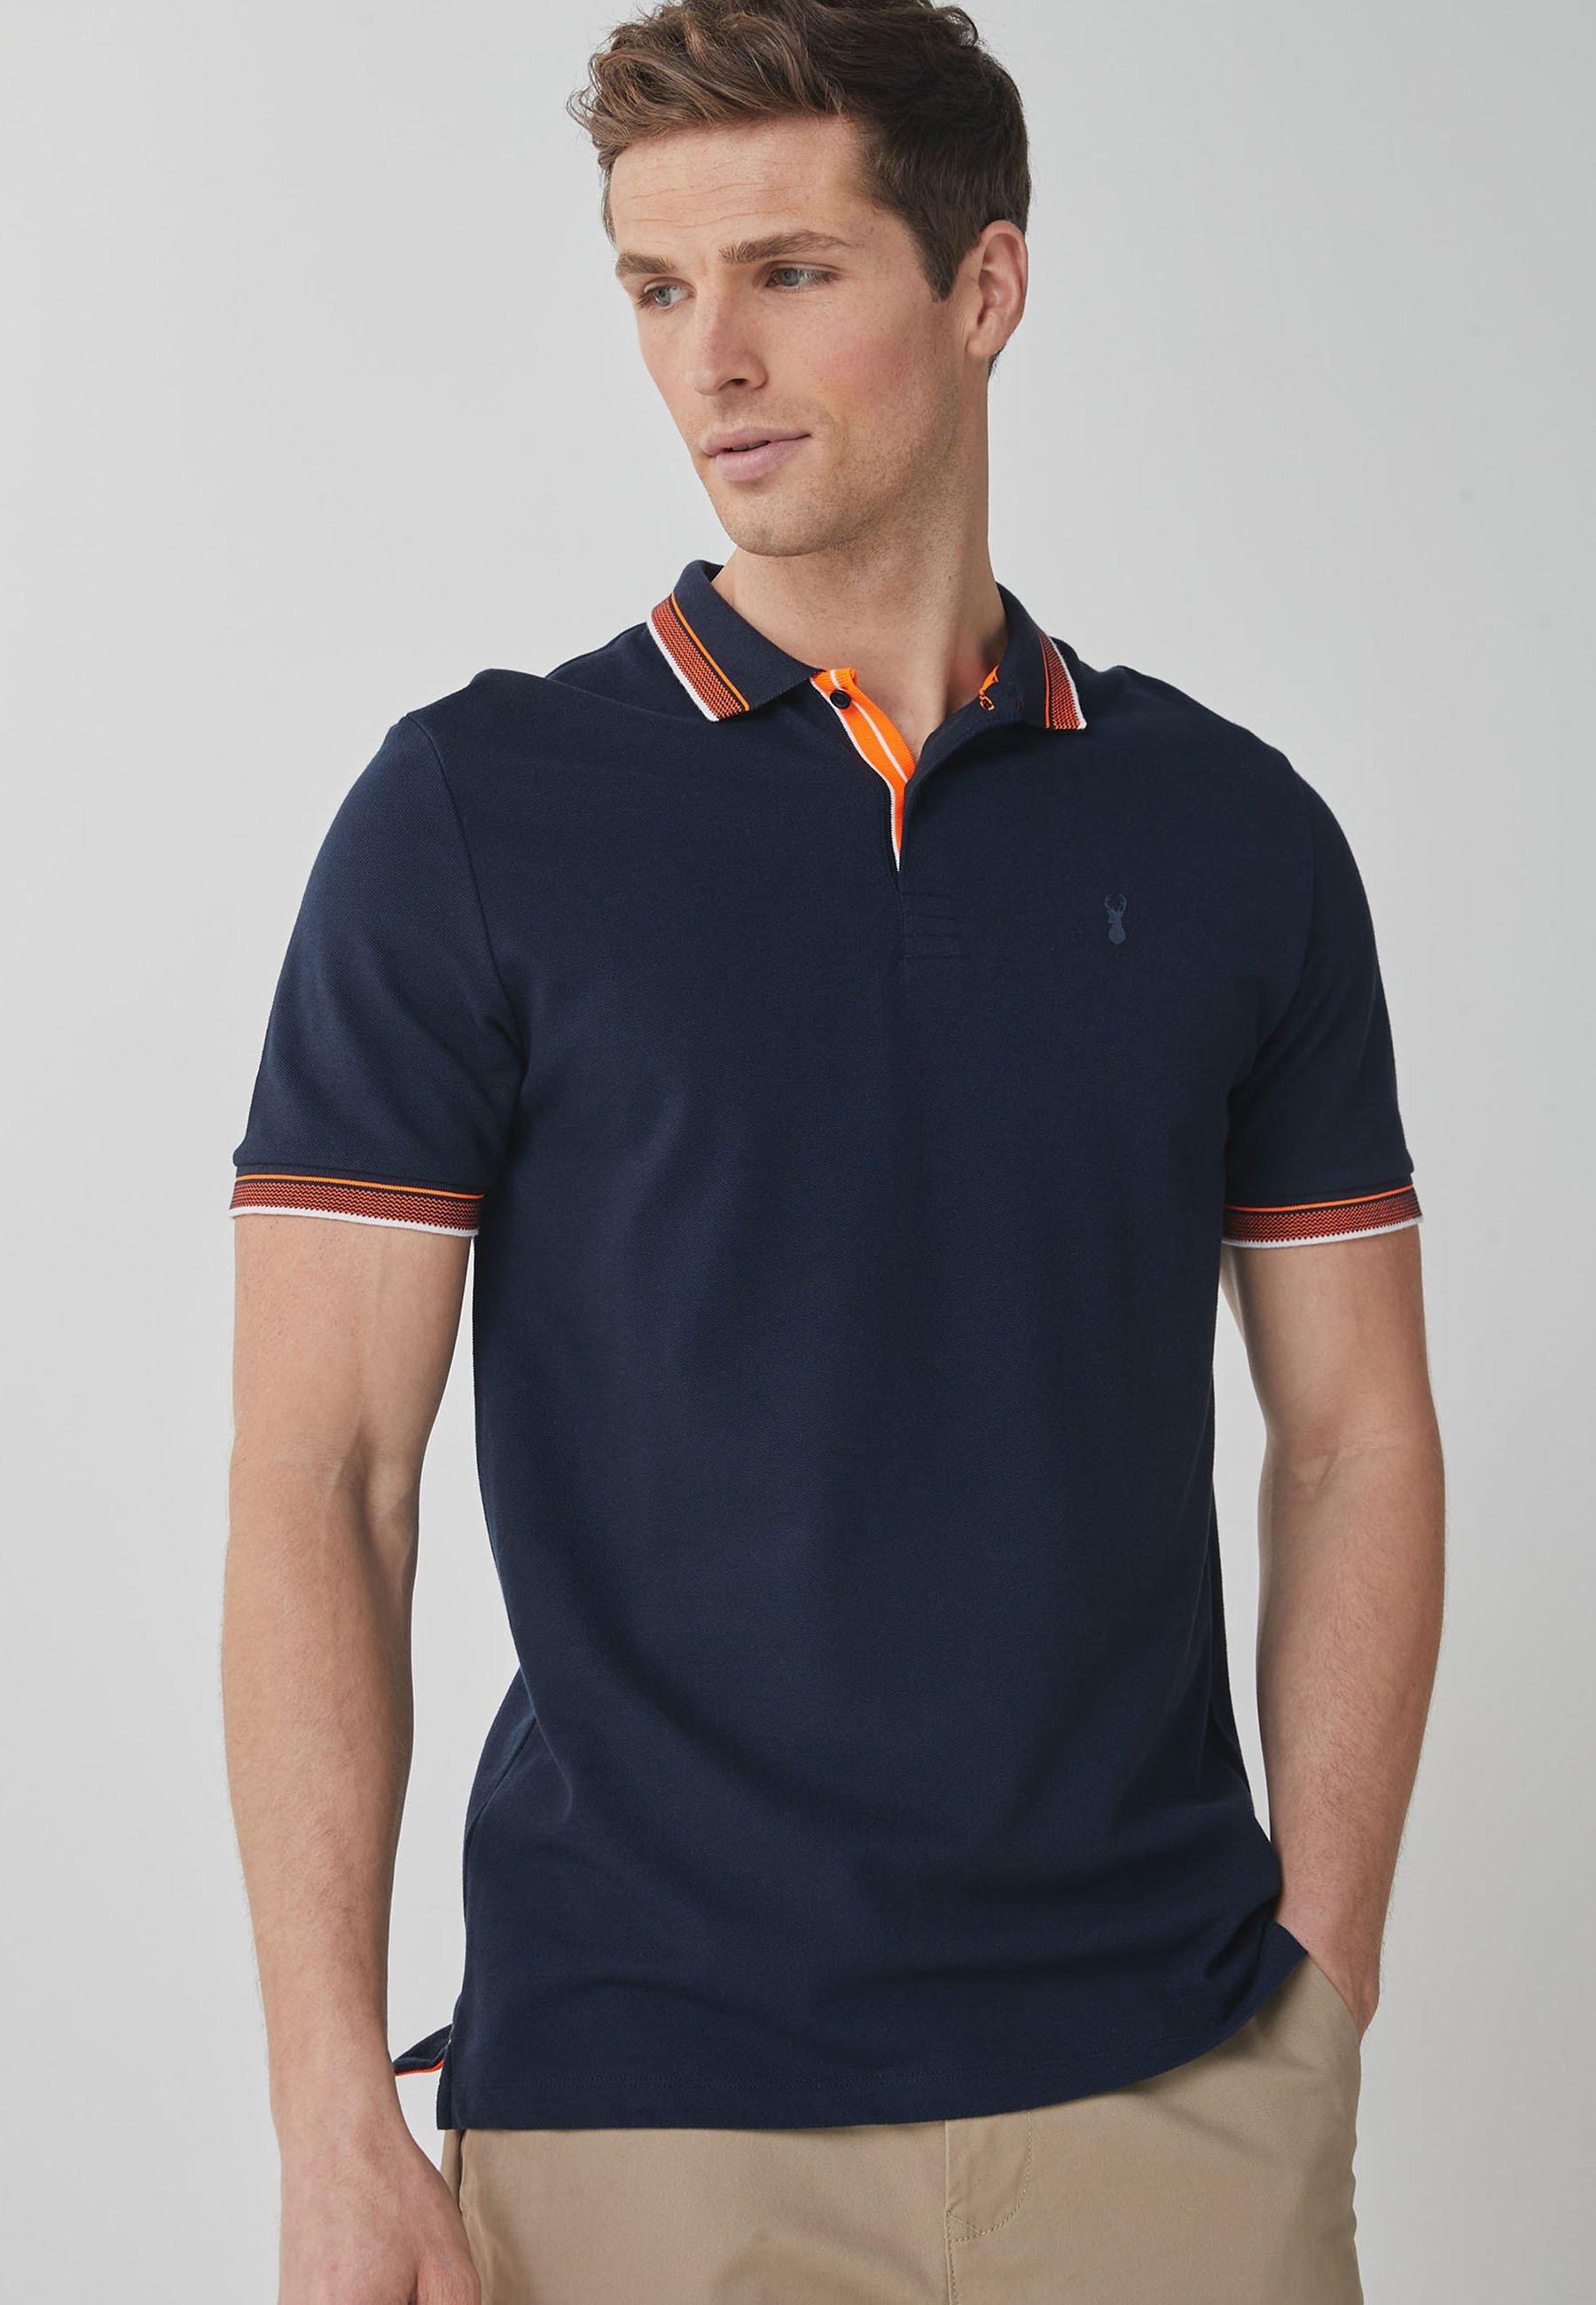 Herrer FLURO - Poloshirts